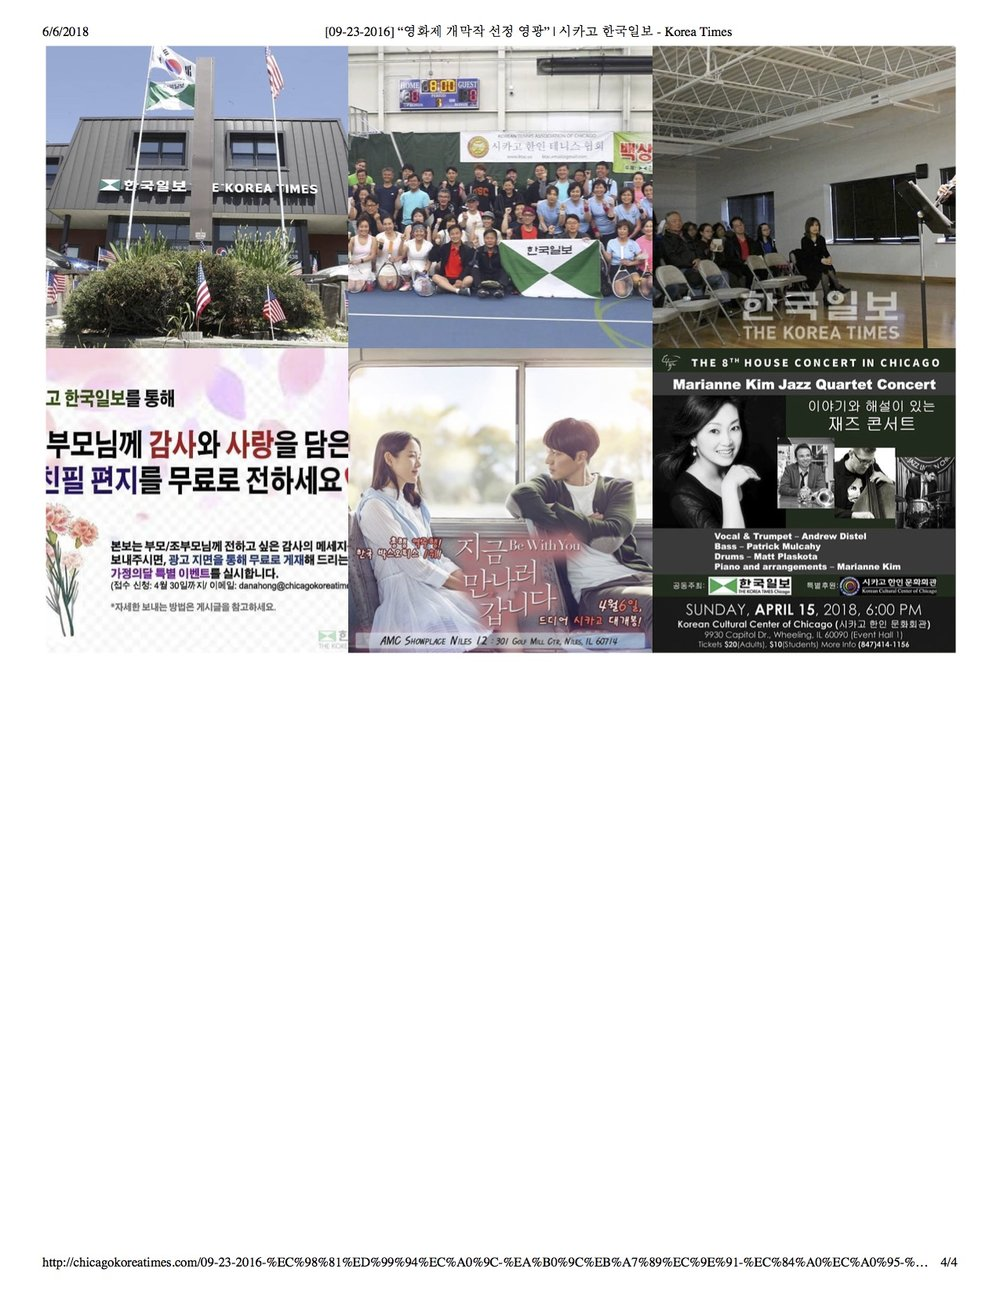 """4[09-23-2016] """"영화제 개막작 선정 영광"""" _ 시카고 한국일보 - Korea Times.jpg"""